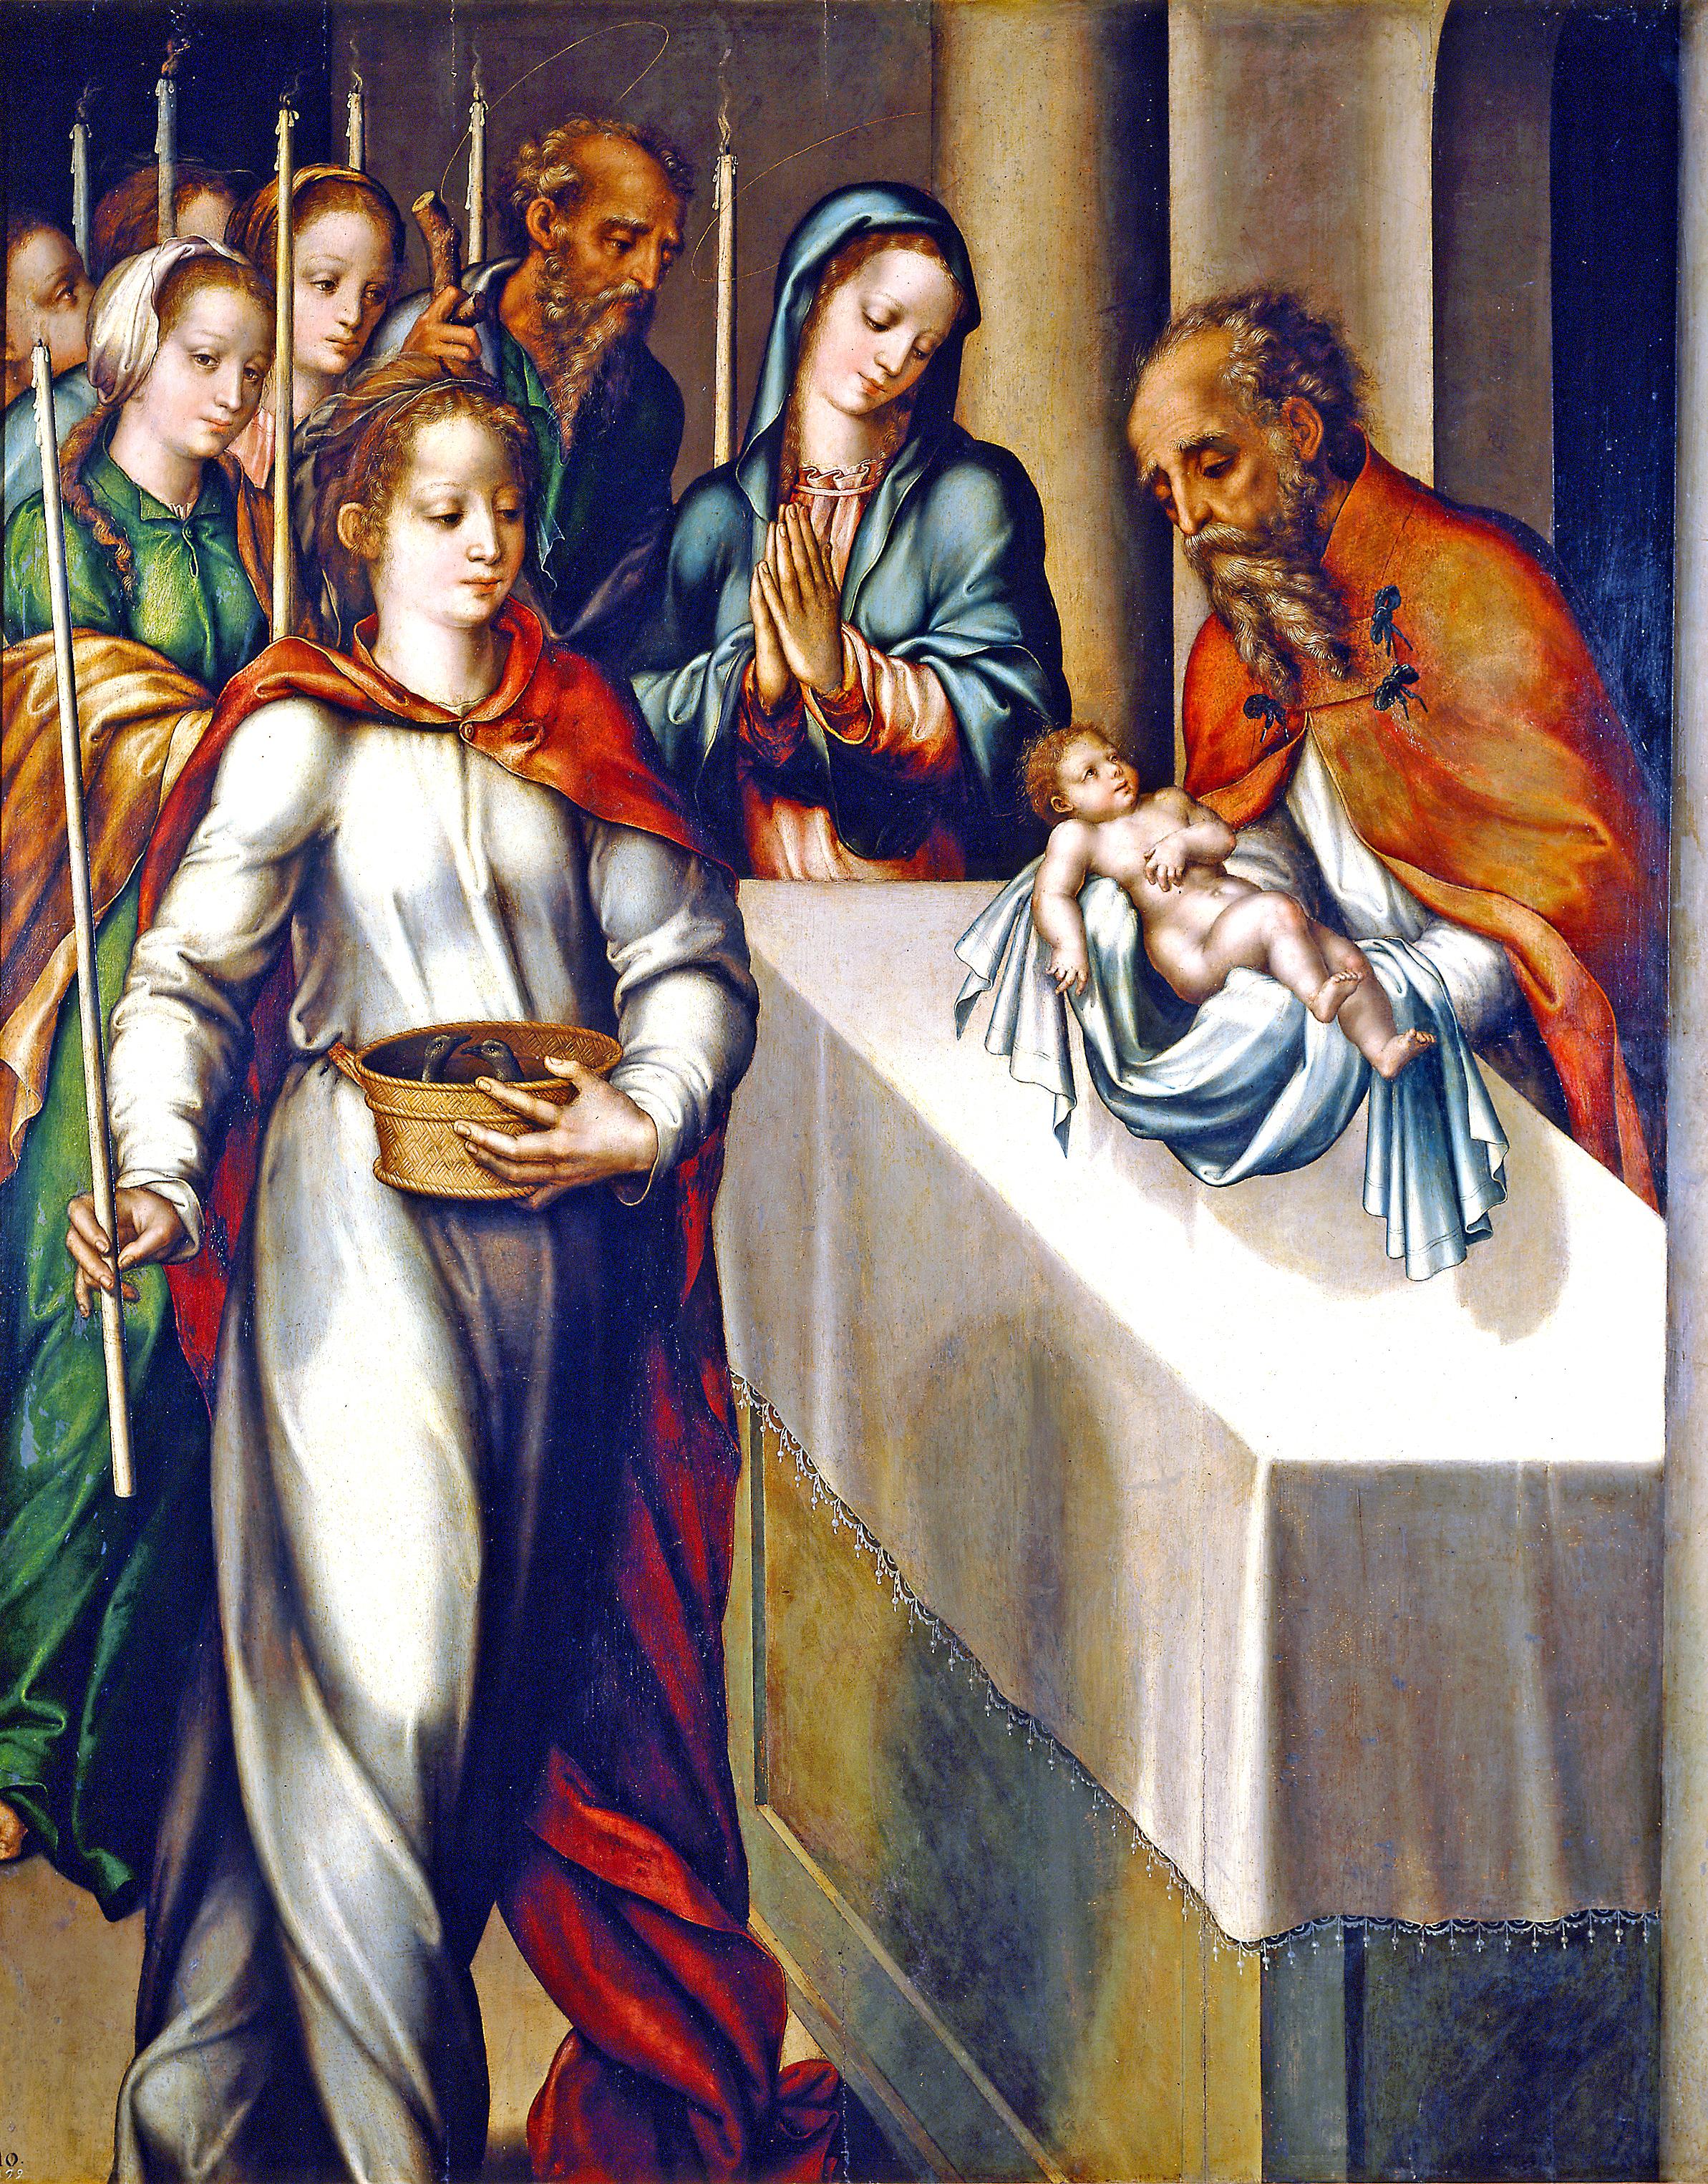 Presentación_de_Jesús_en_el_Templo